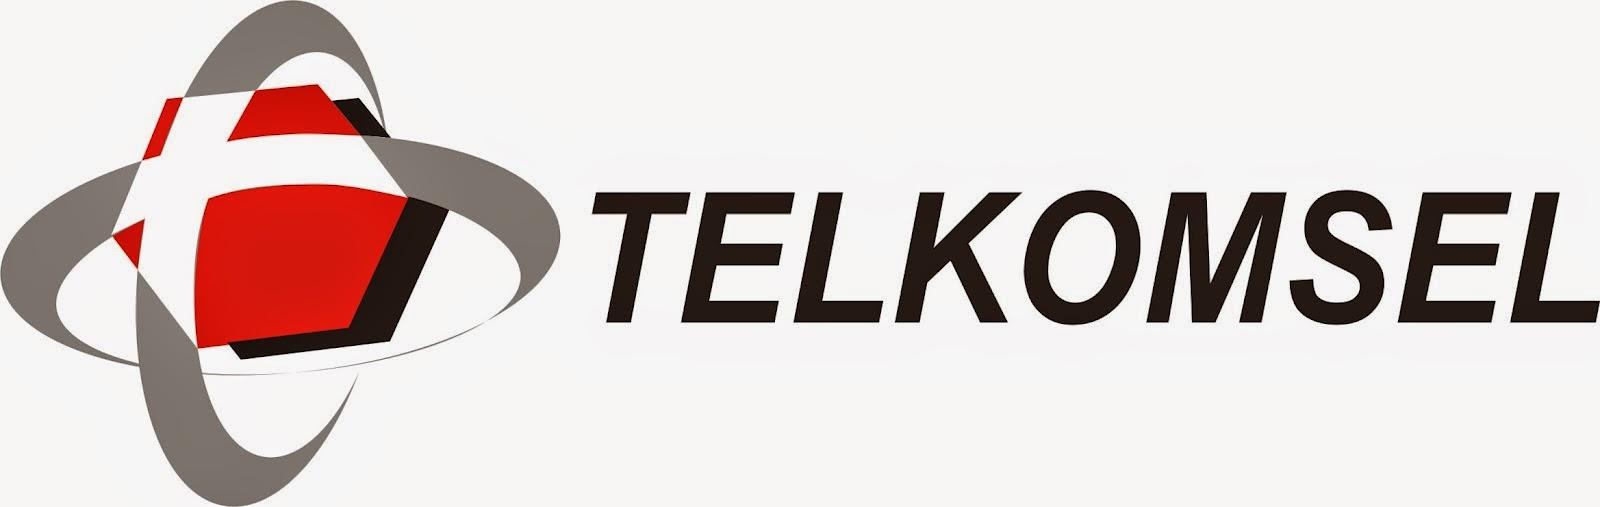 inject telkomsel terbaru 182 kandang pancing anti limit 39 januari 2015